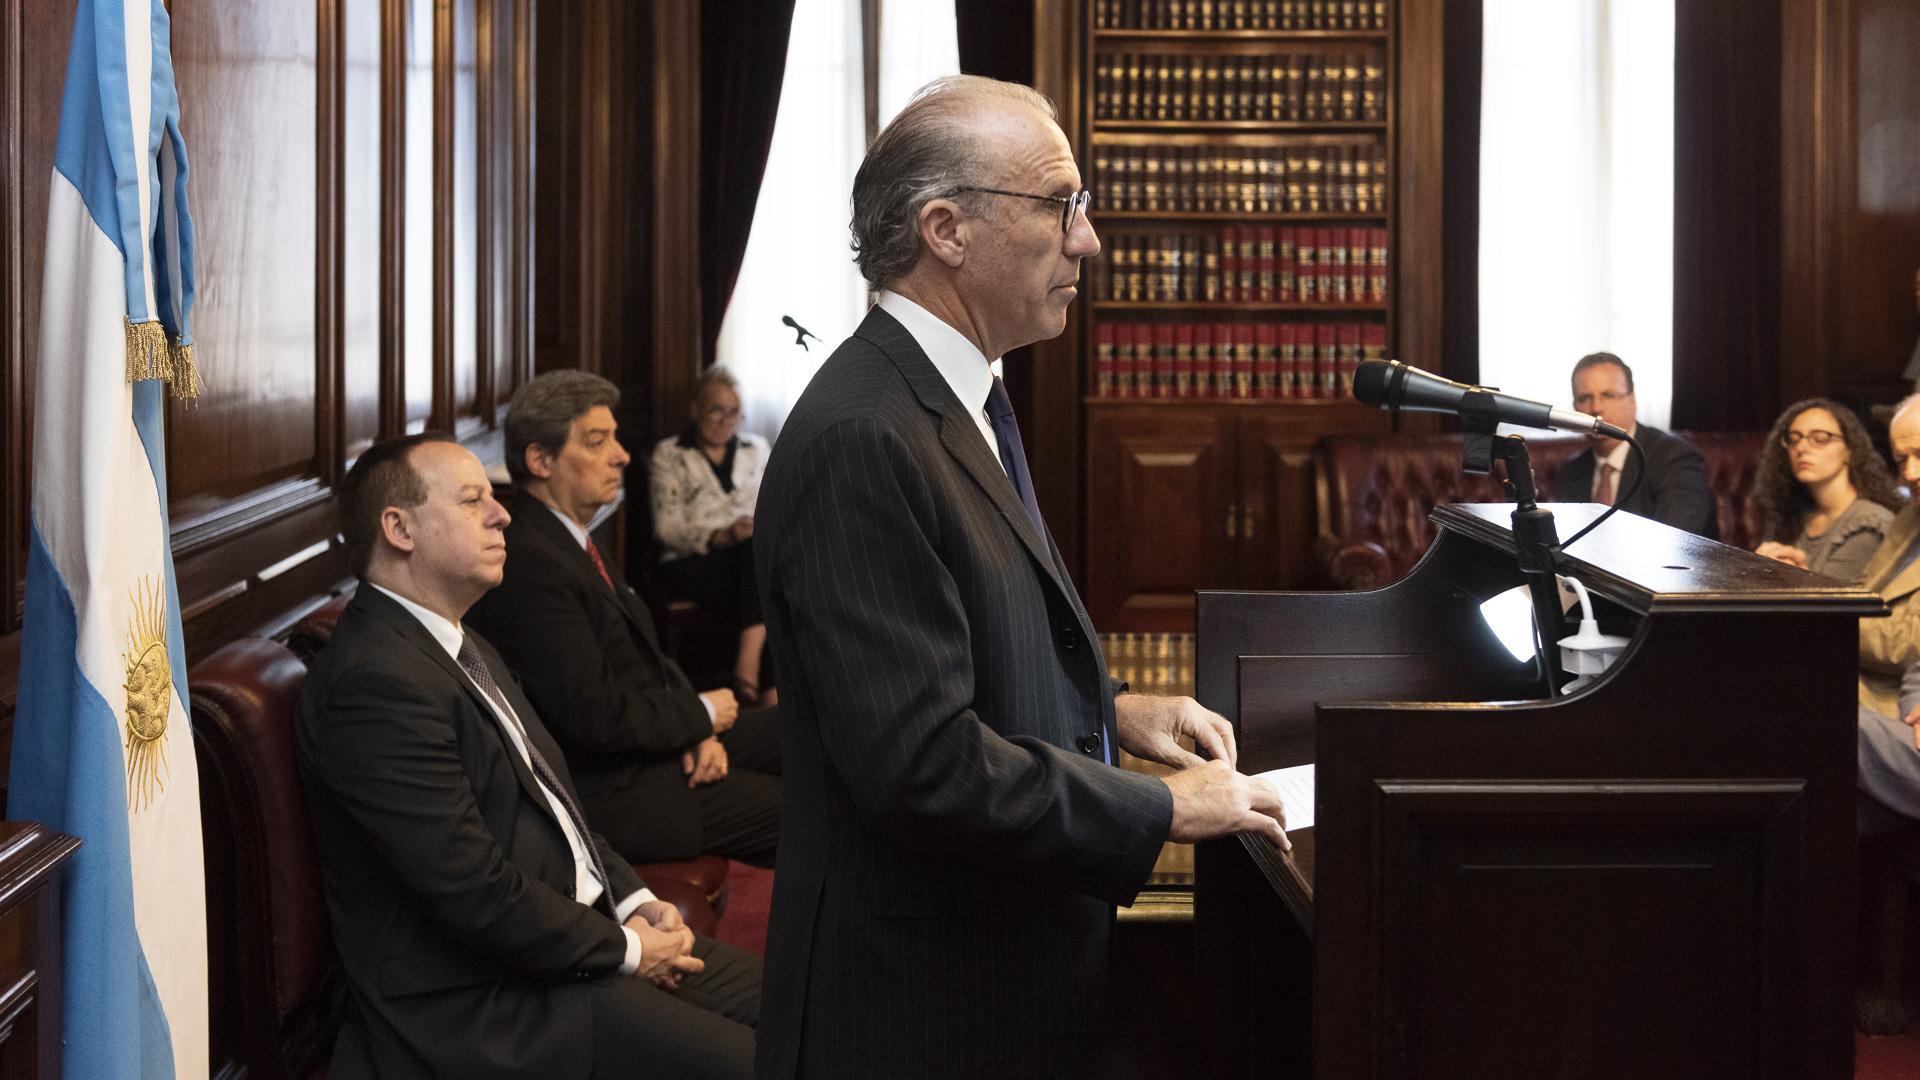 El premio al Periodismo Judicial ADEPA-Corte Suprema de Justicia de la Nación fue creado con el objetivo de promover la difusión de temas relacionados con la actividad del Poder Judicial de todo el país, en todas sus instancias, para impulsar una mayor comprensión de sus funciones y promover el derecho a la información de los ciudadanos.